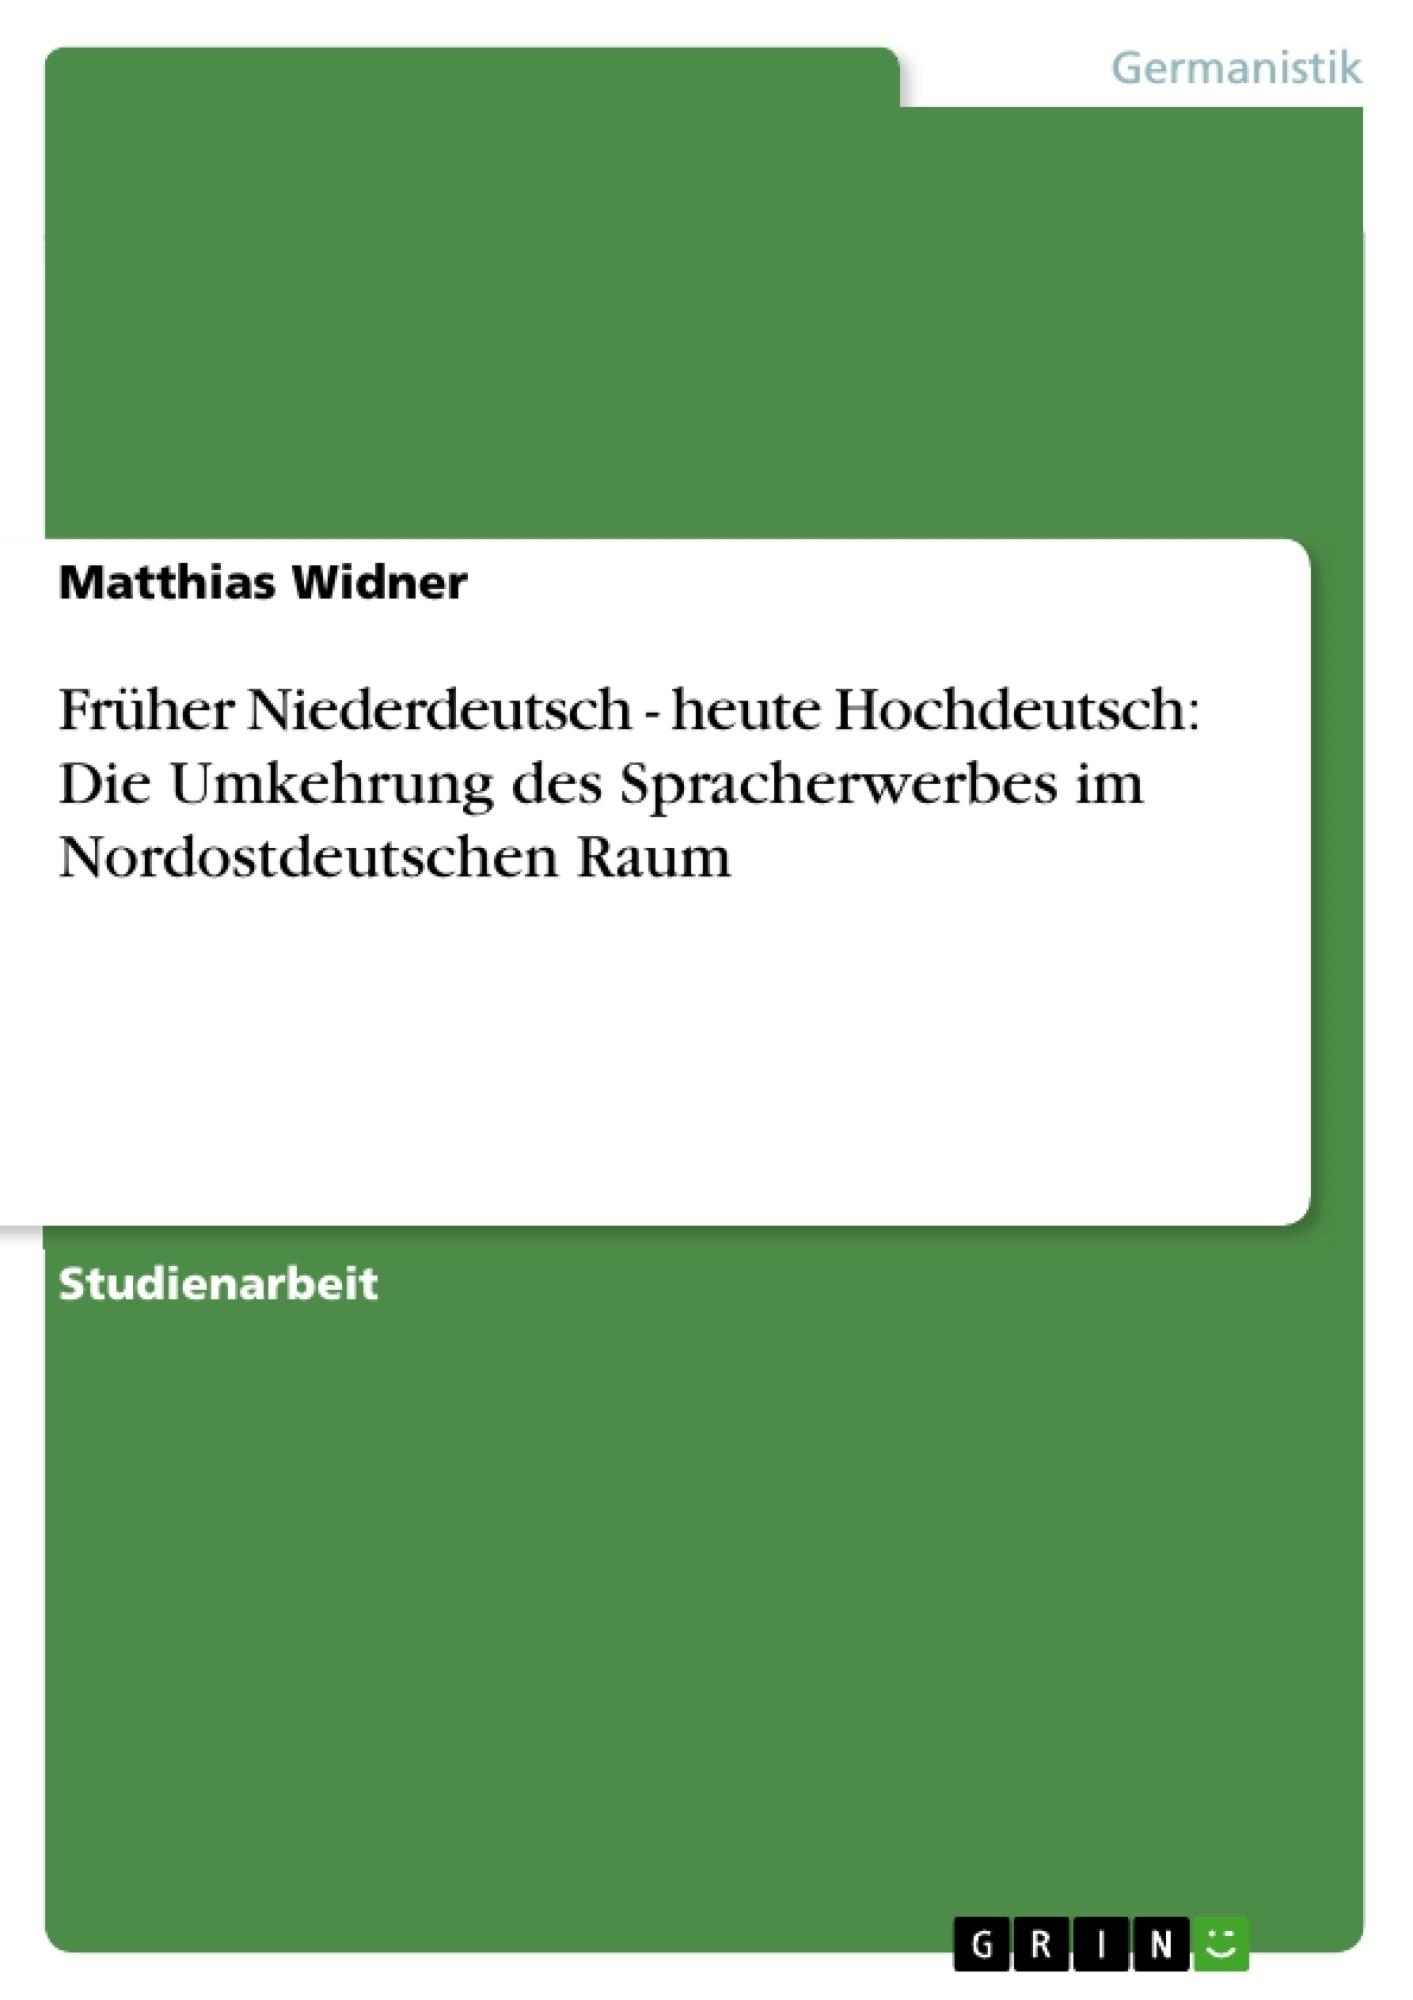 Titel: Früher Niederdeutsch - heute Hochdeutsch: Die Umkehrung des Spracherwerbes im Nordostdeutschen Raum